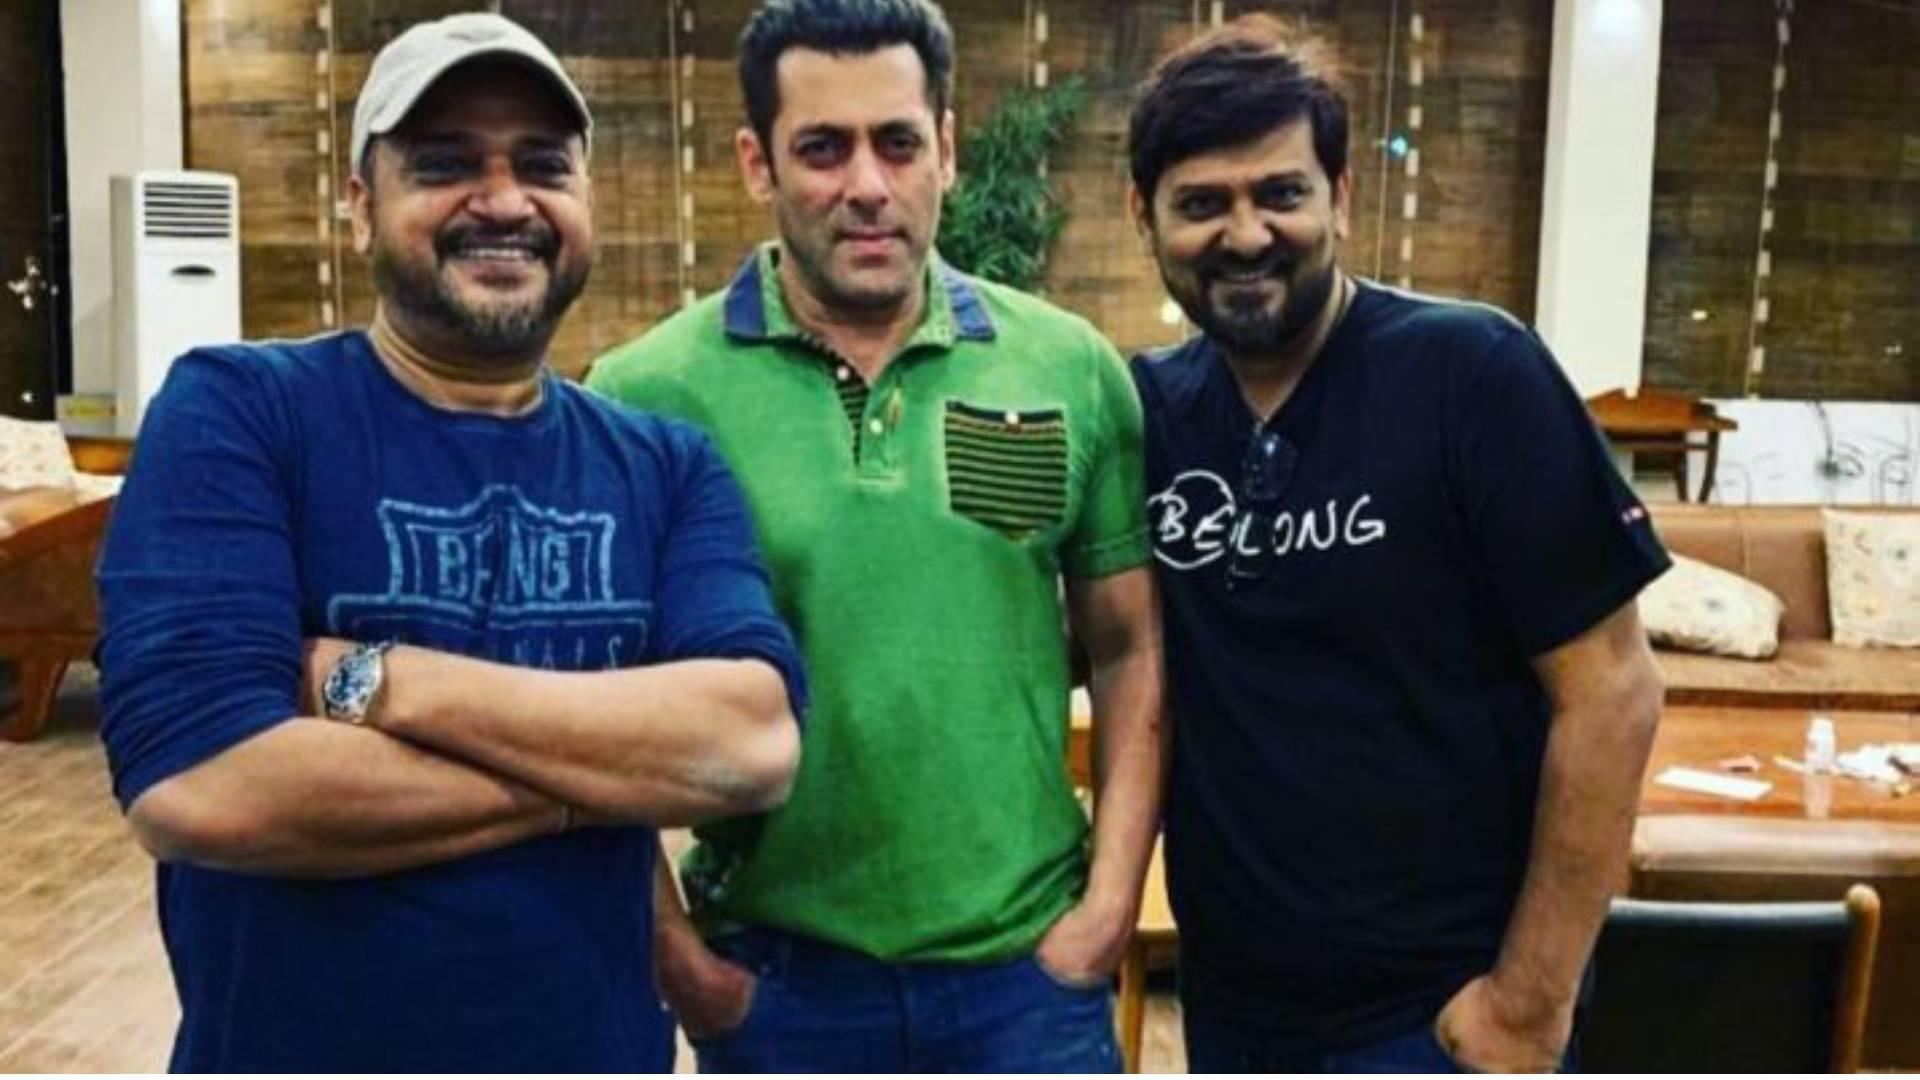 Bigg Boss 13: शो में नजर आ सकता है सलमान खान का ये जिगरी दोस्त, दबंग खान की कई फिल्मों में दिए हैं हिट गानें